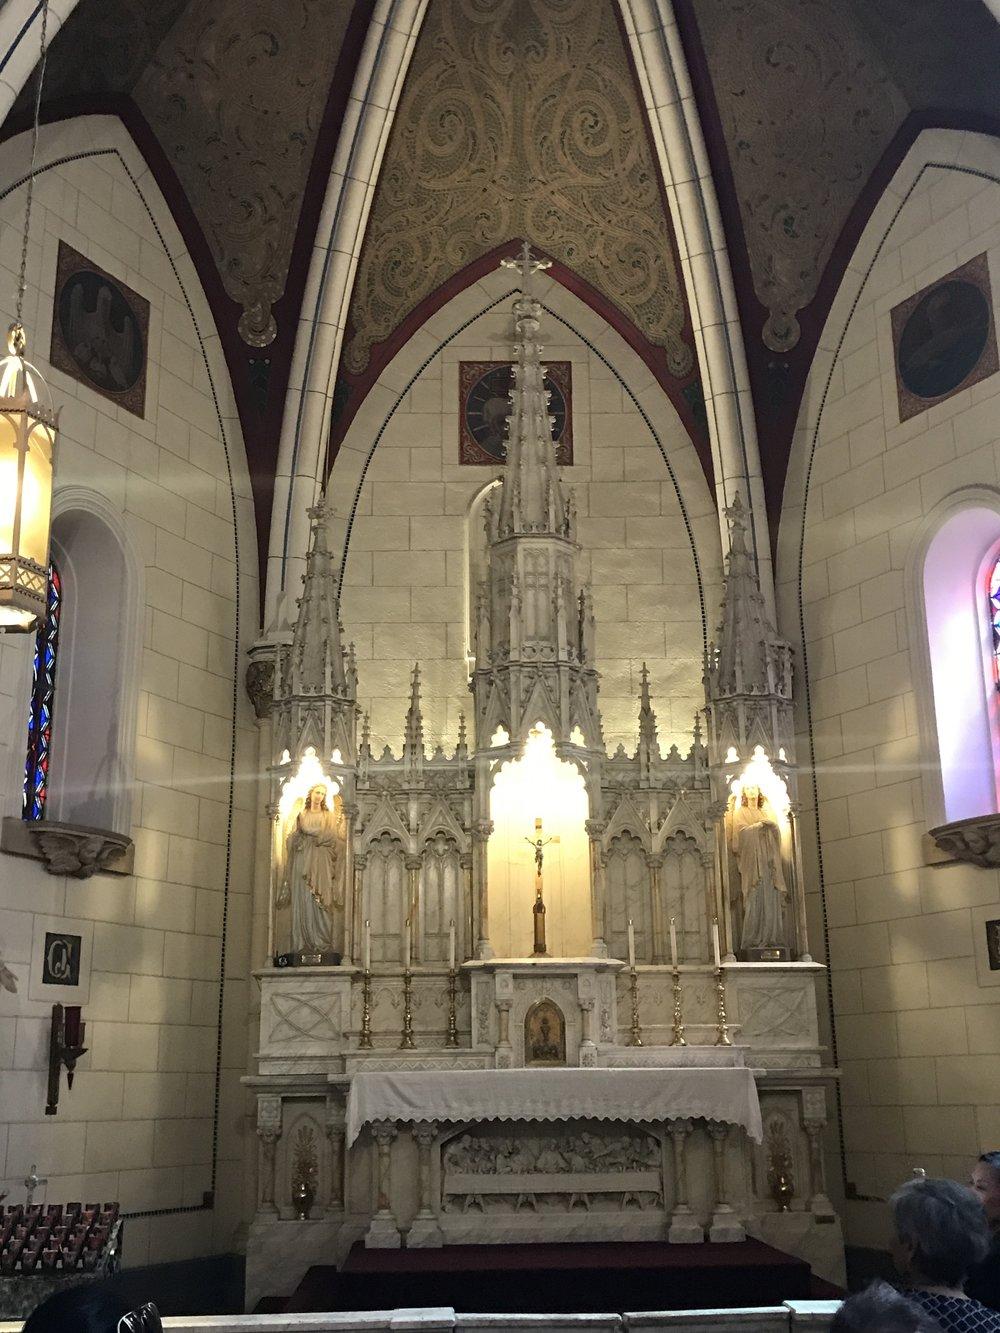 Interior of the Loretto Chapel